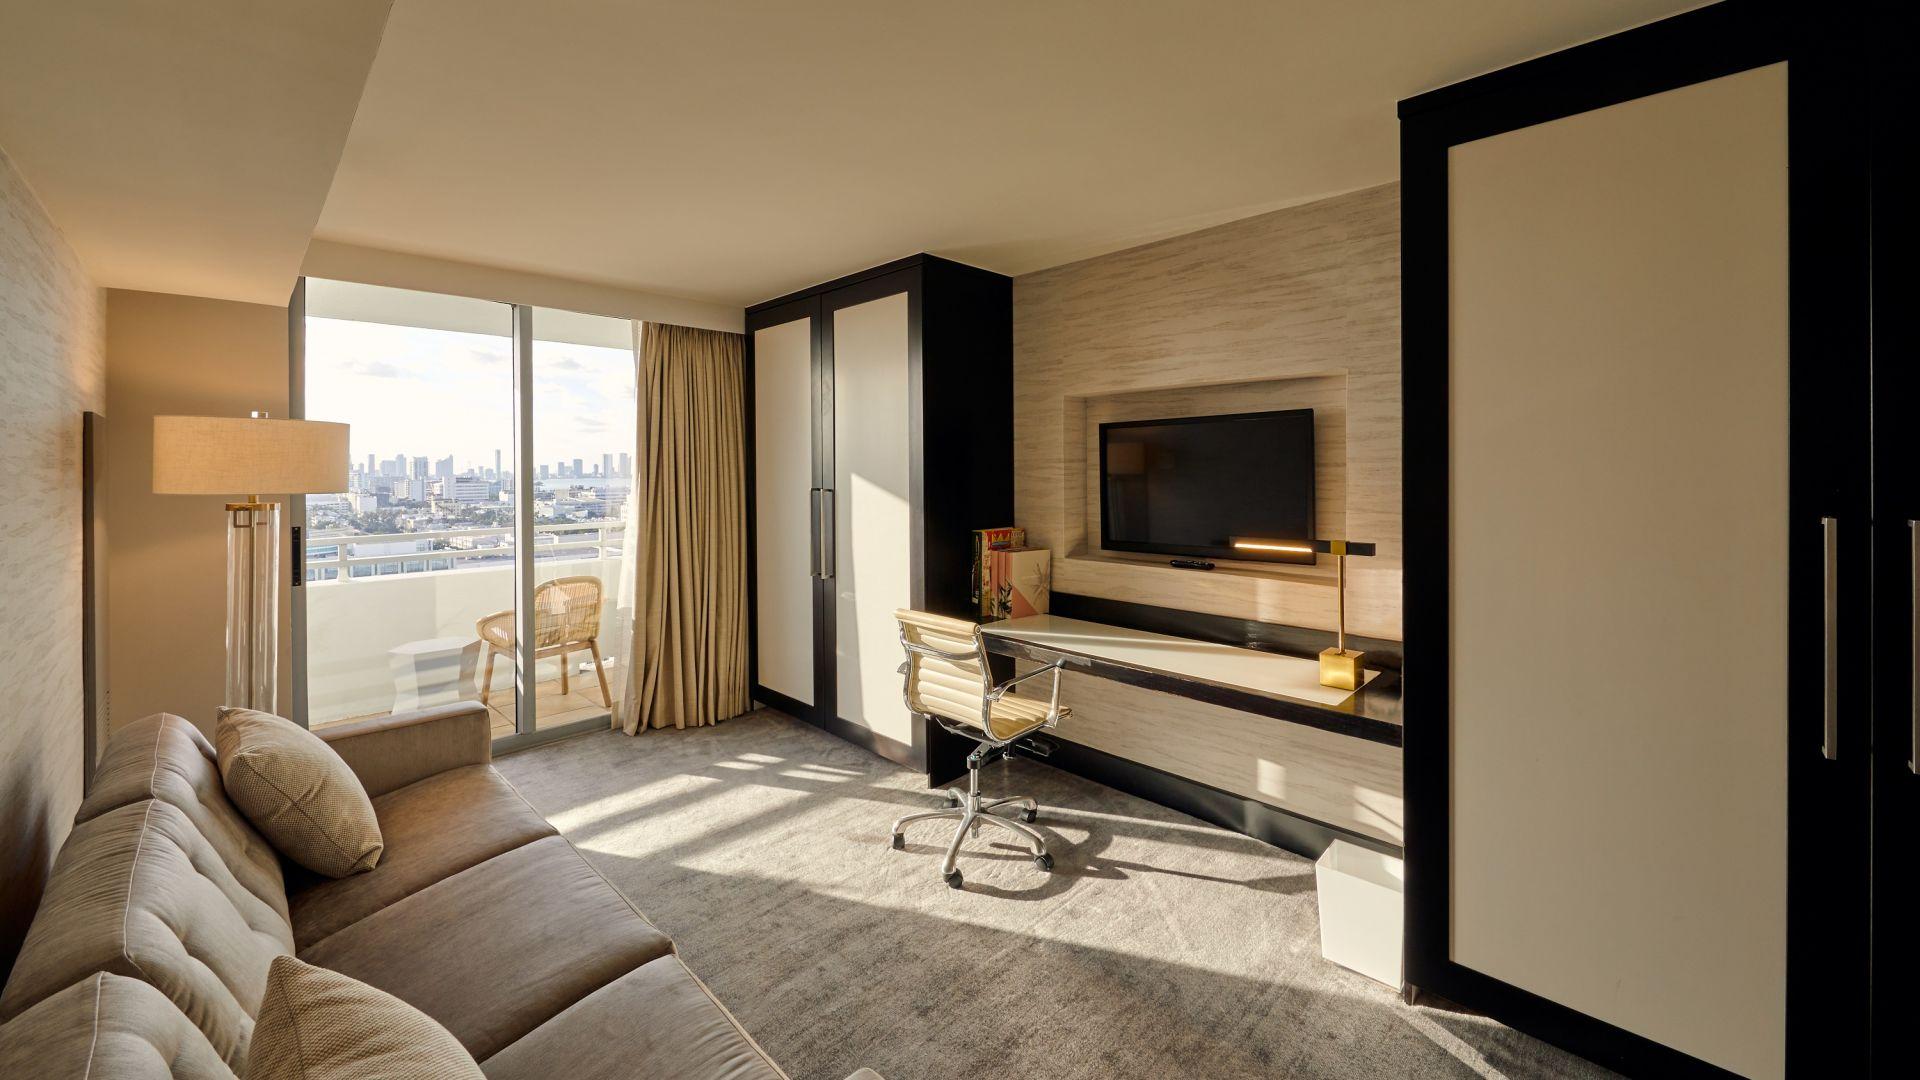 Ansicht eines Wohnzimmers mit Möbeln und einem Flachbildfernseher